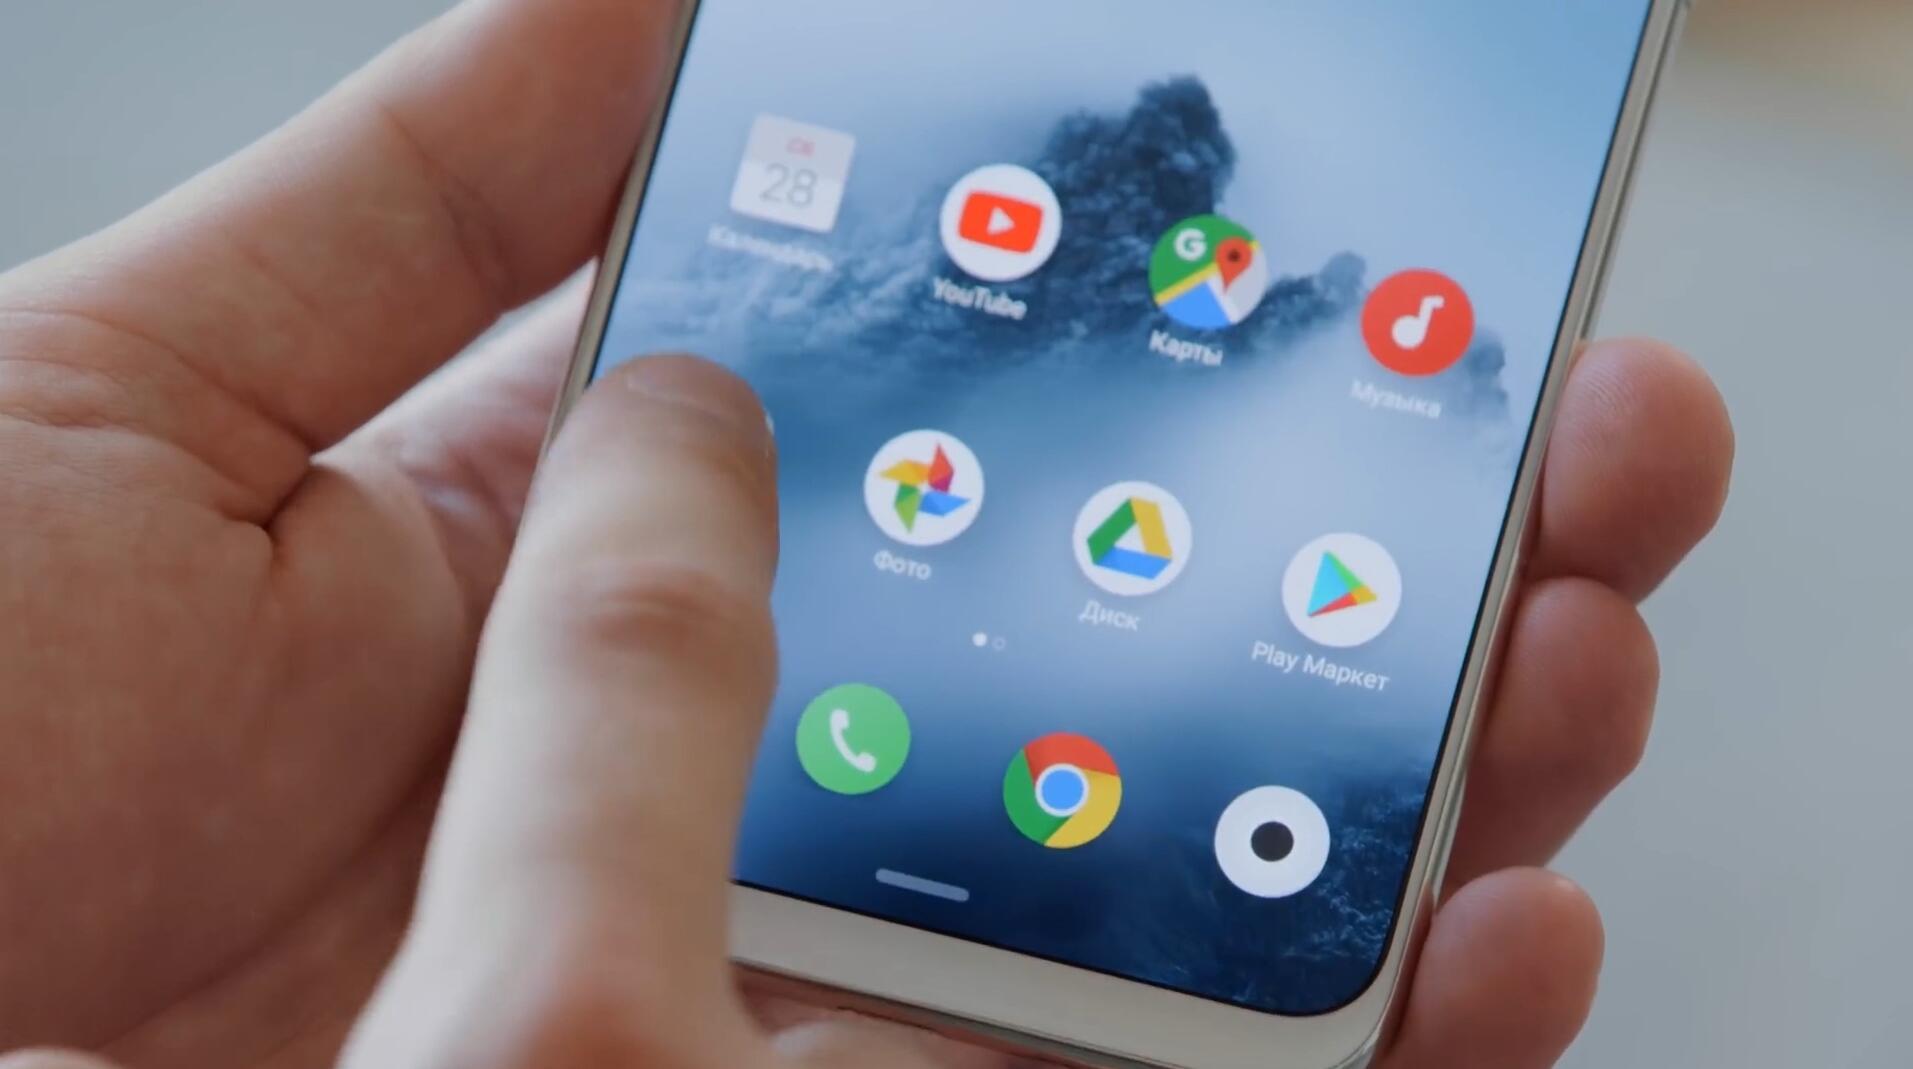 同是骁龙845手机,价格相差300的一加6和魅族16,选谁